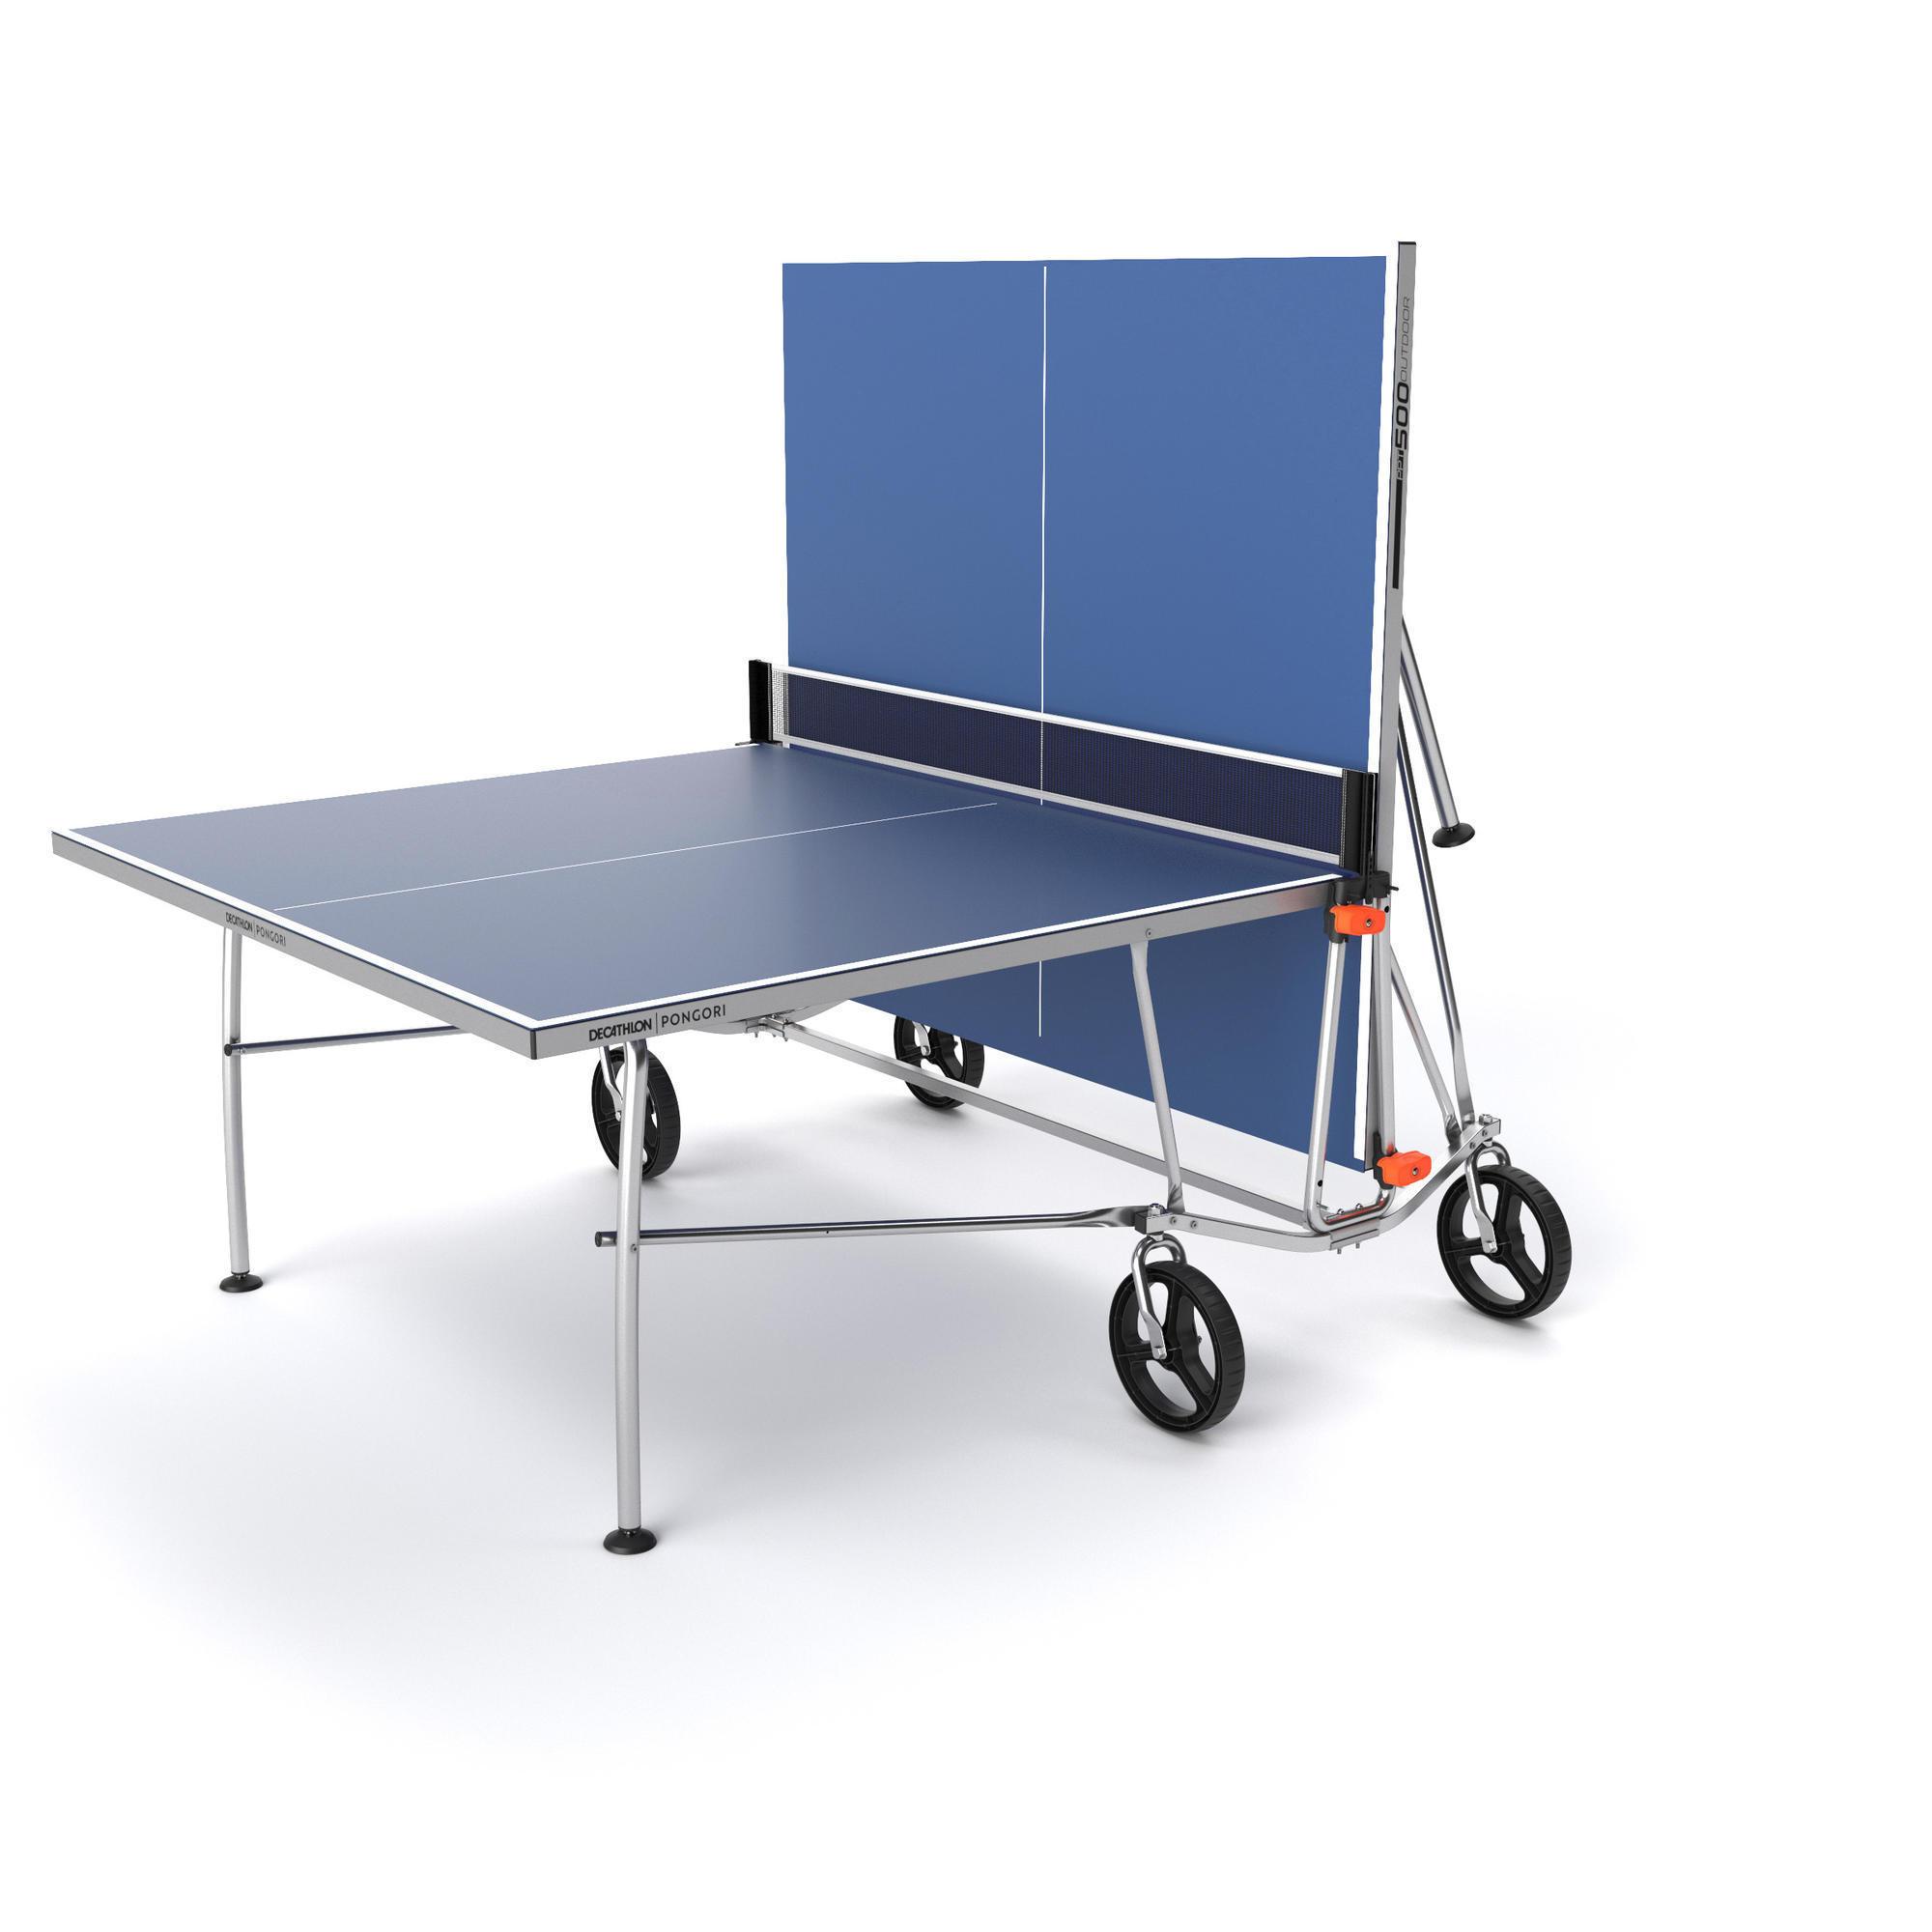 tafeltennistafel-2048